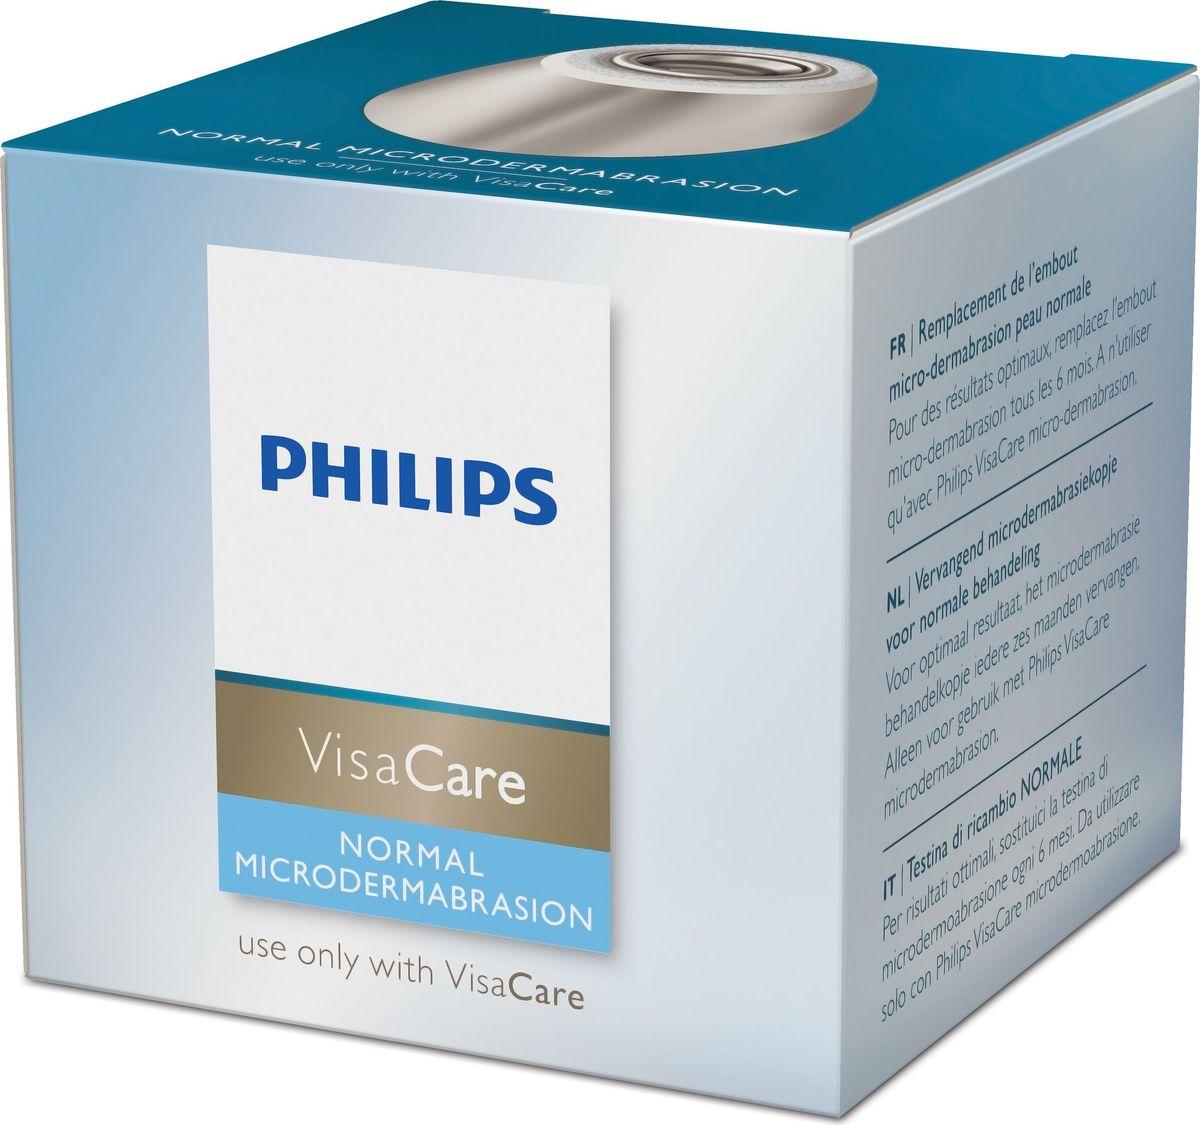 Philips SC6891/01насадка для пиллинга нормальной кожи для VisaCare Philips